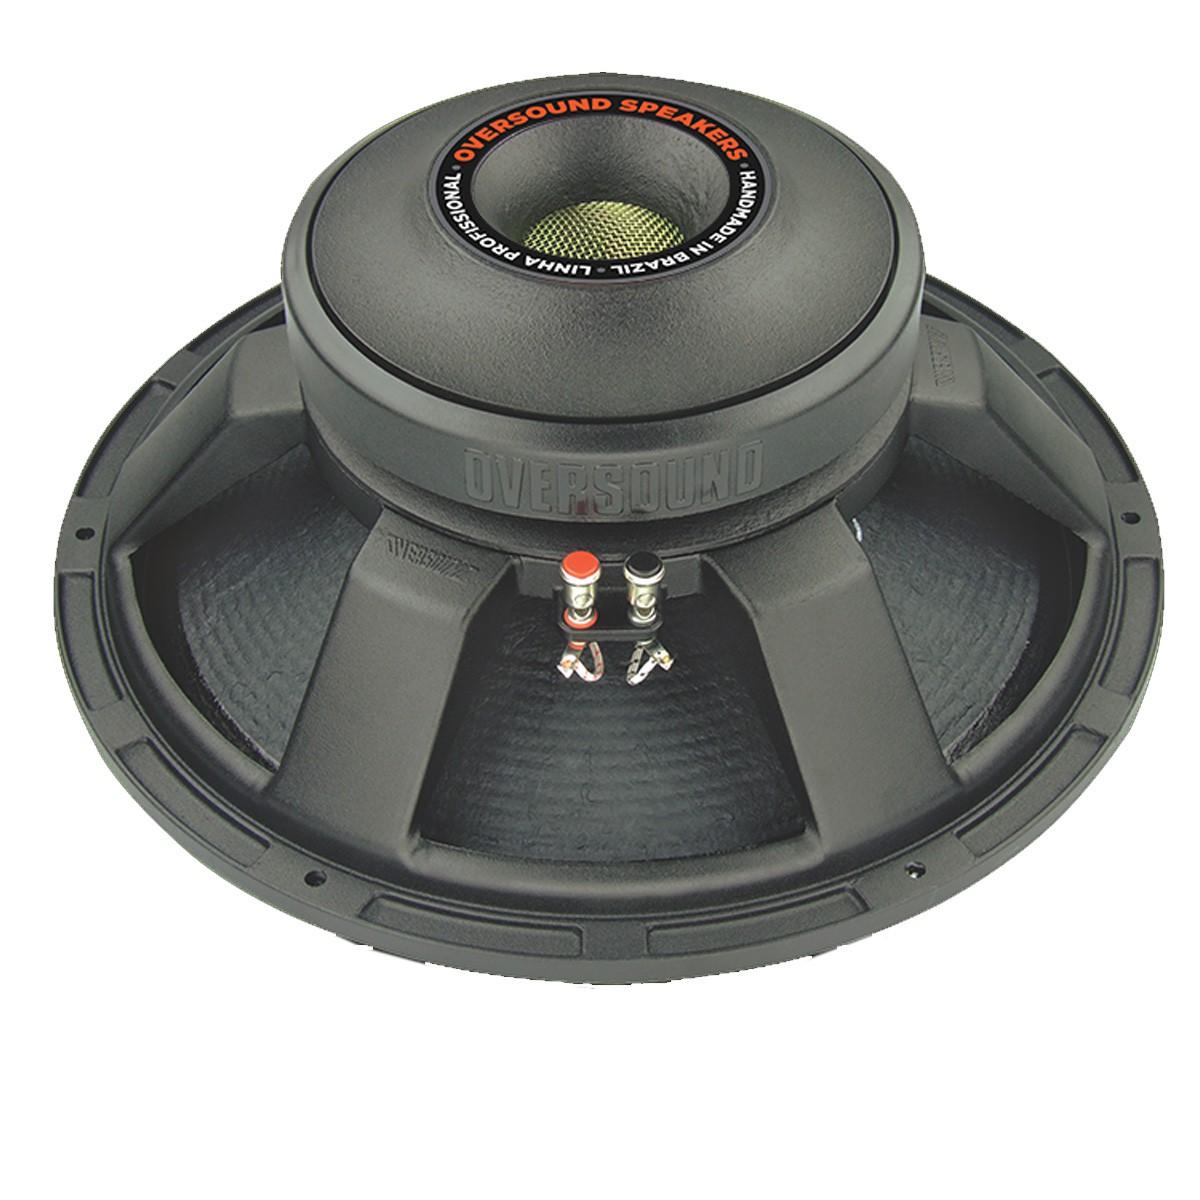 Alto-falante 15 polegadas 400W 8 ohms Oversound 15G400